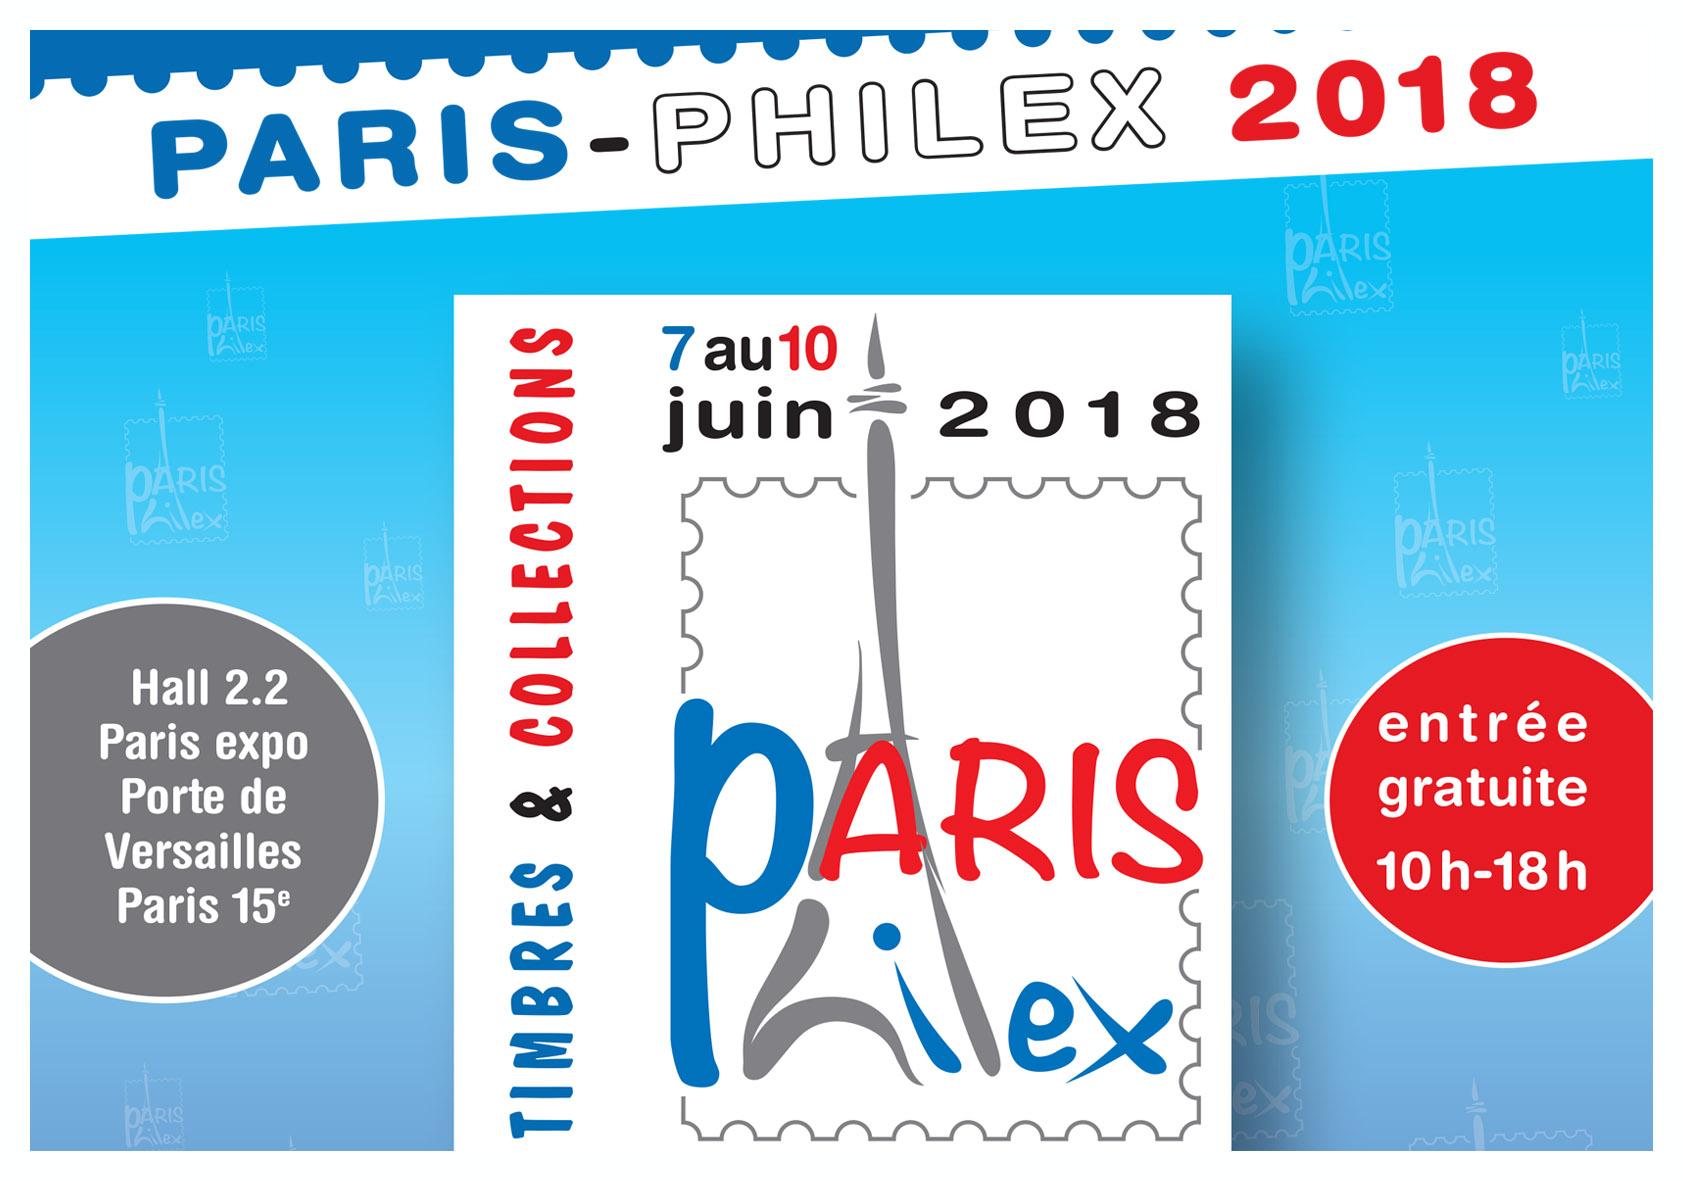 Paris -Philex 2018